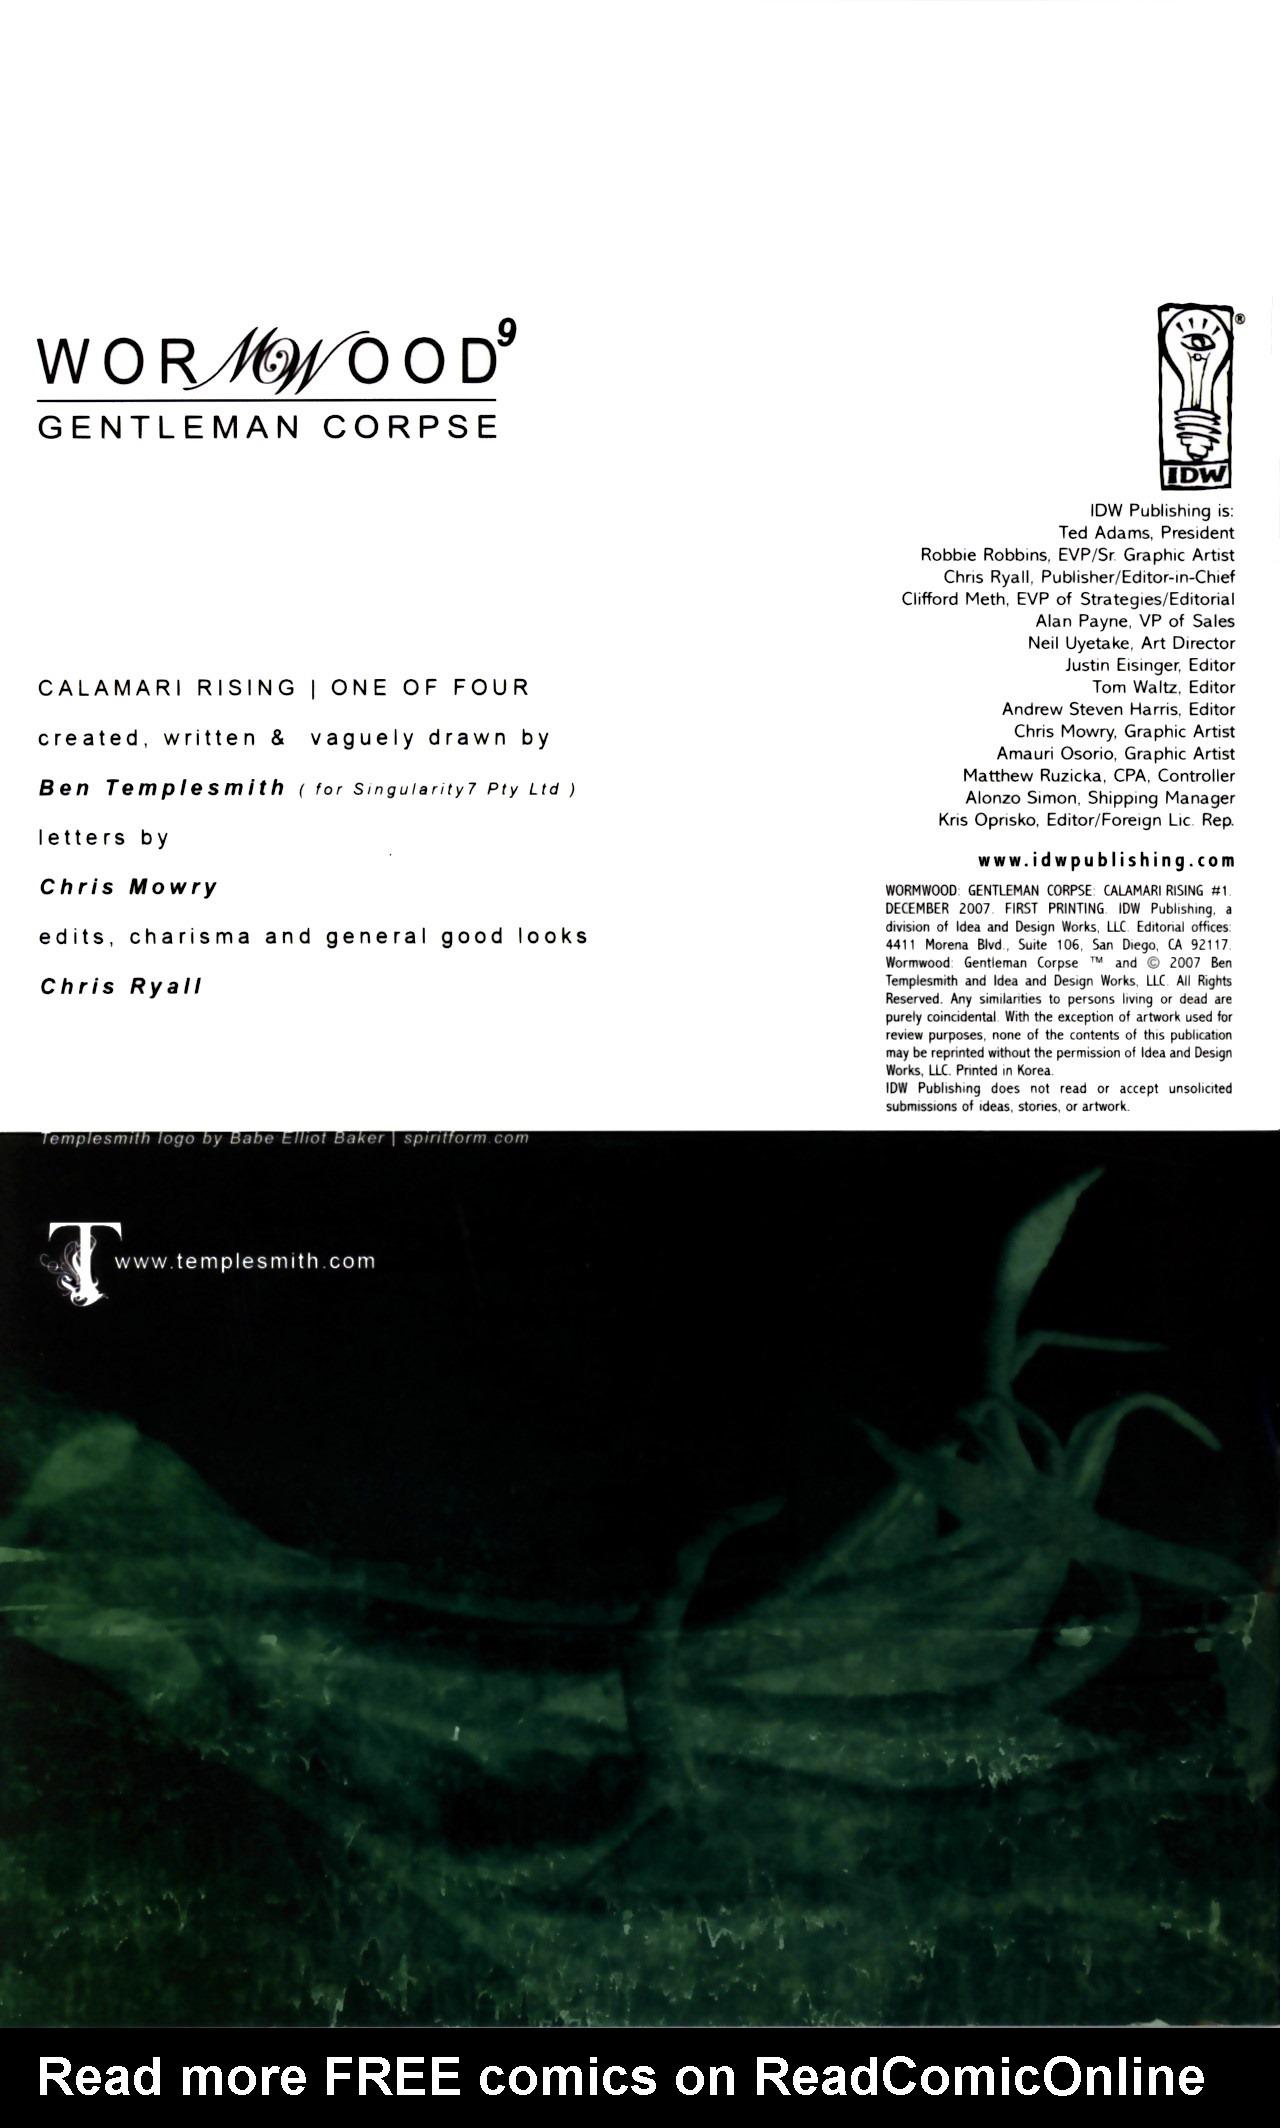 Read online Wormwood: Gentleman Corpse comic -  Issue #9 - 2